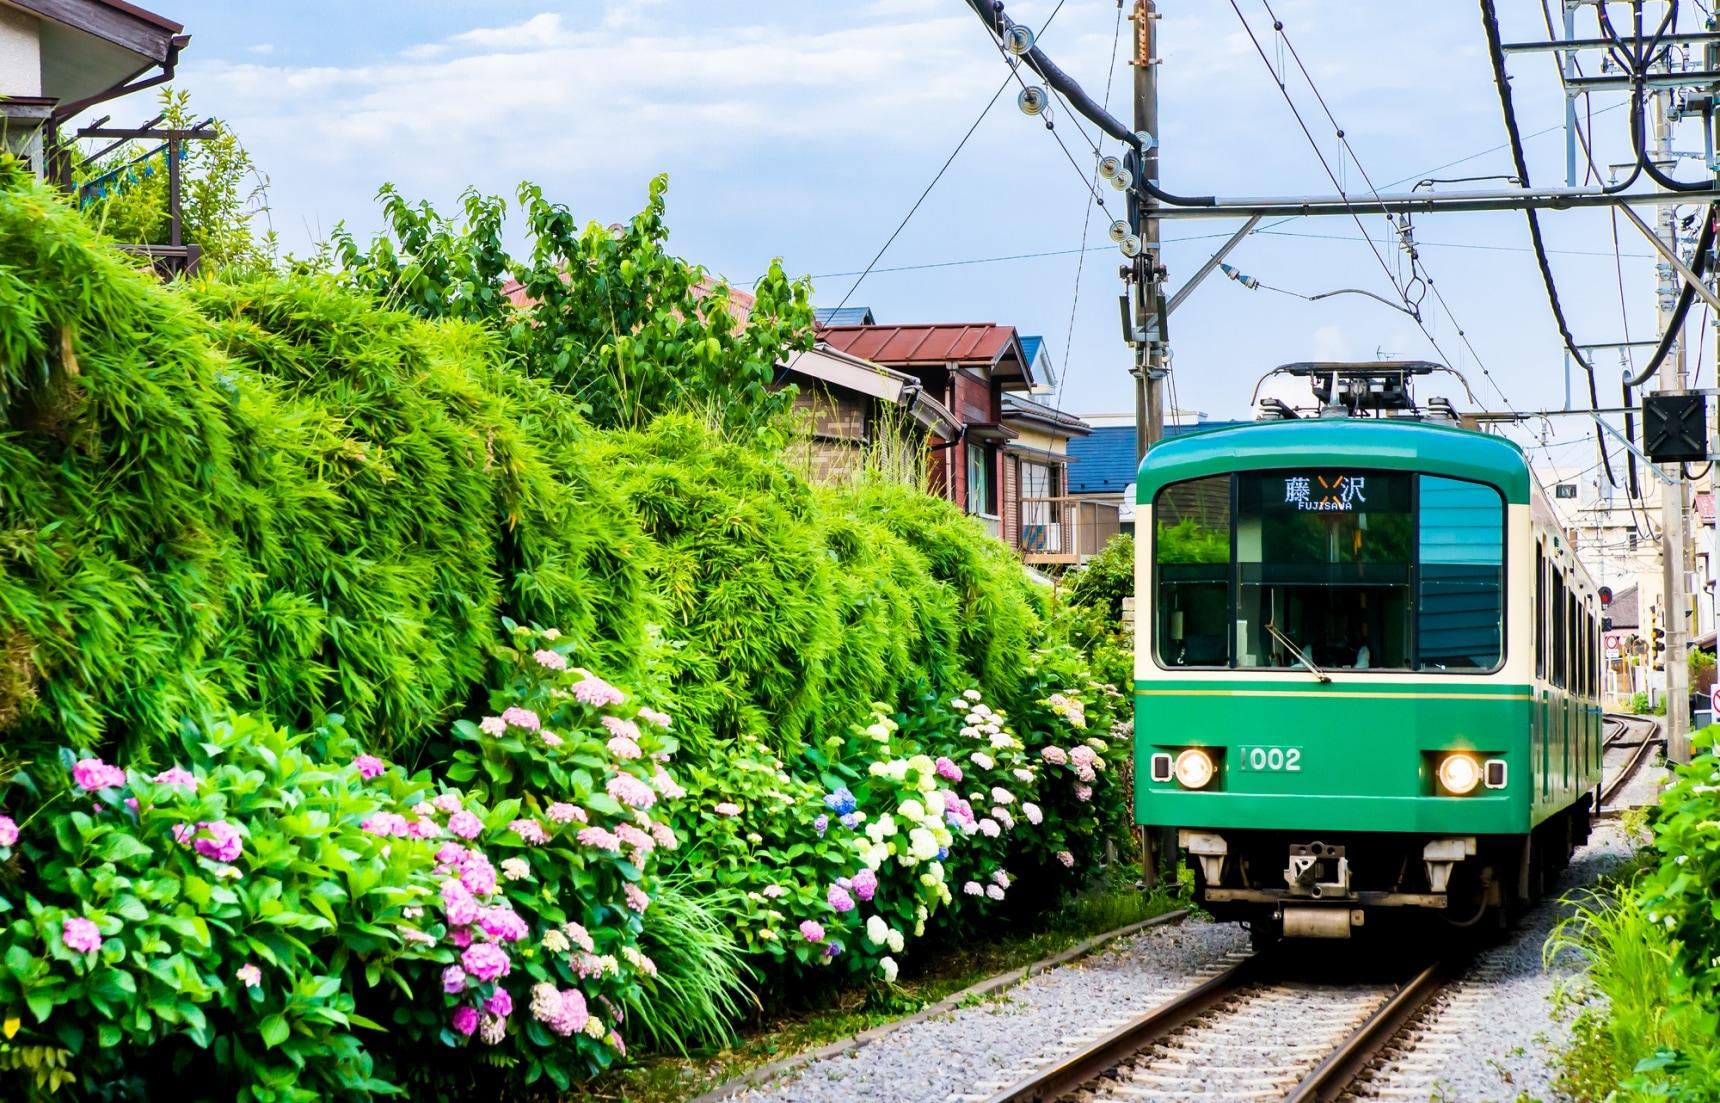 【神奈川自由行】日本初夏必訪!人氣絕頂的鎌倉紫陽花私房景點